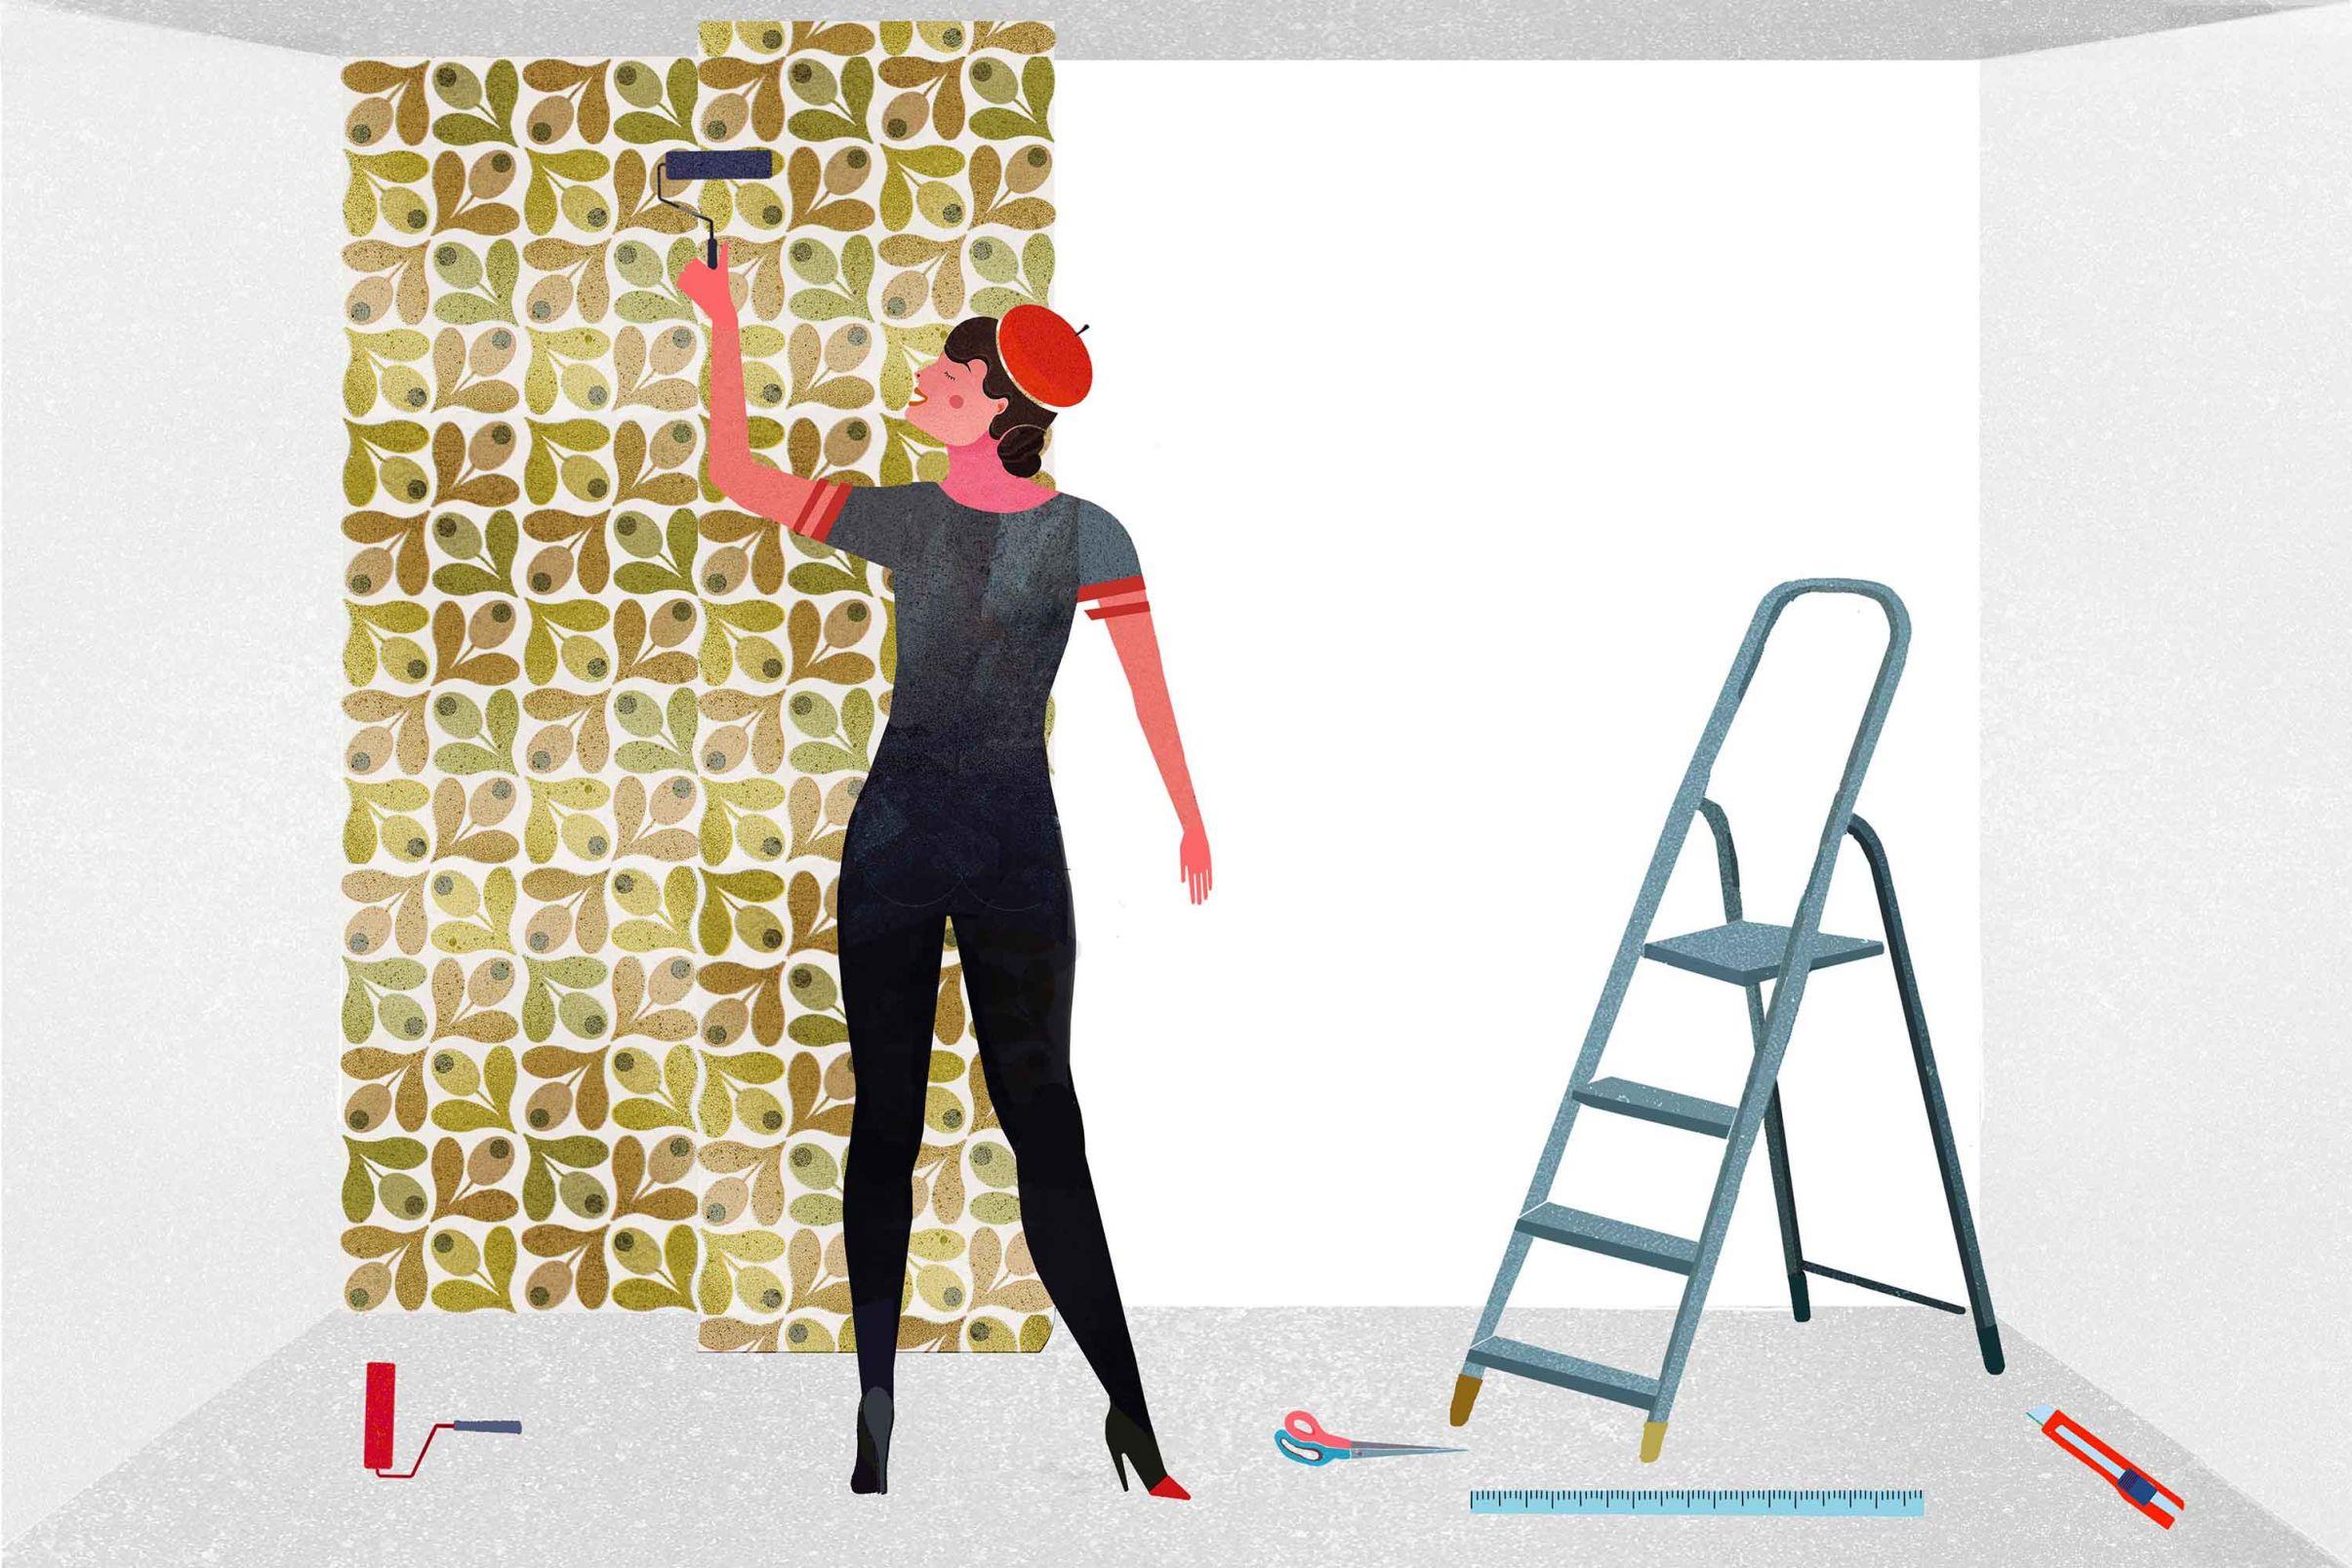 Comment-poser-un-papier-peint-intisse-Pressez-le-papier-peint-sur-le-mur-en-faisant-particulierement-attention-aux-joints